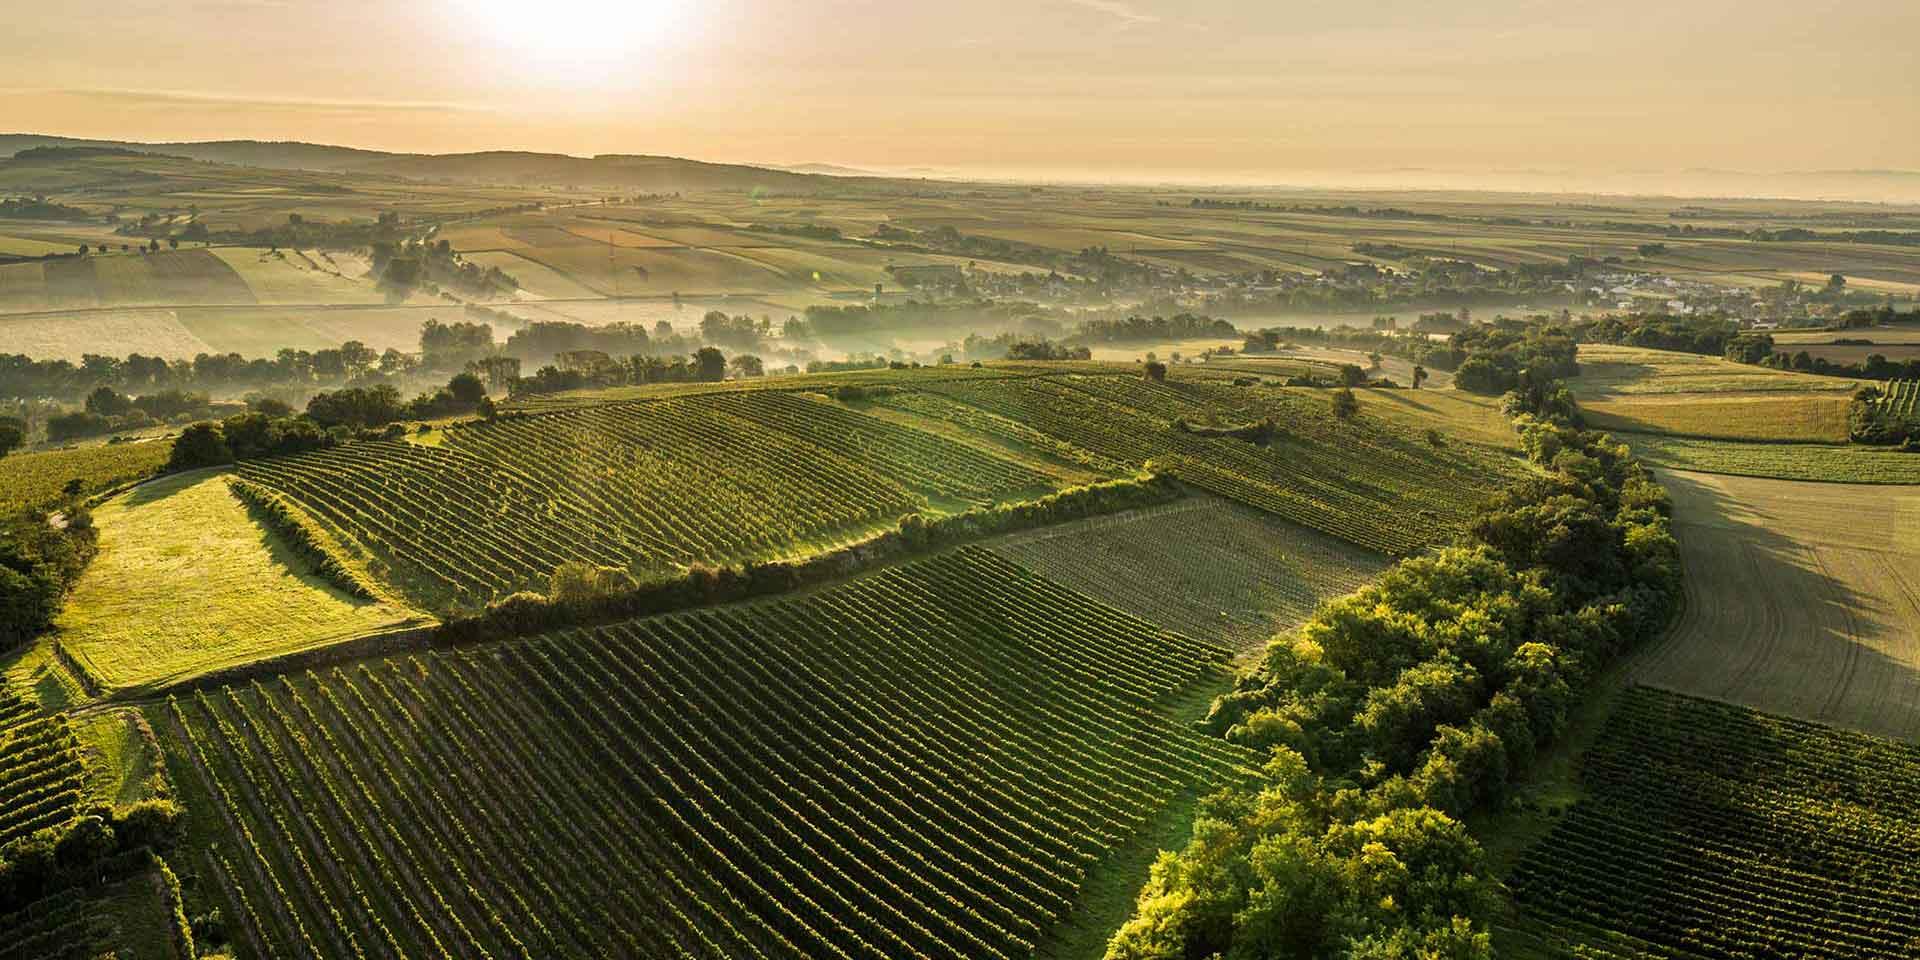 """Der Wagram wurde als Weinbaugebiet """"geboren"""". Das pannonische Klima verwöhnt den Wein mit Tagen voller Sonne und führt ihn in kühlen Nächten zur Eigenständigkeit. So bleibt Wein in Erinnerung."""